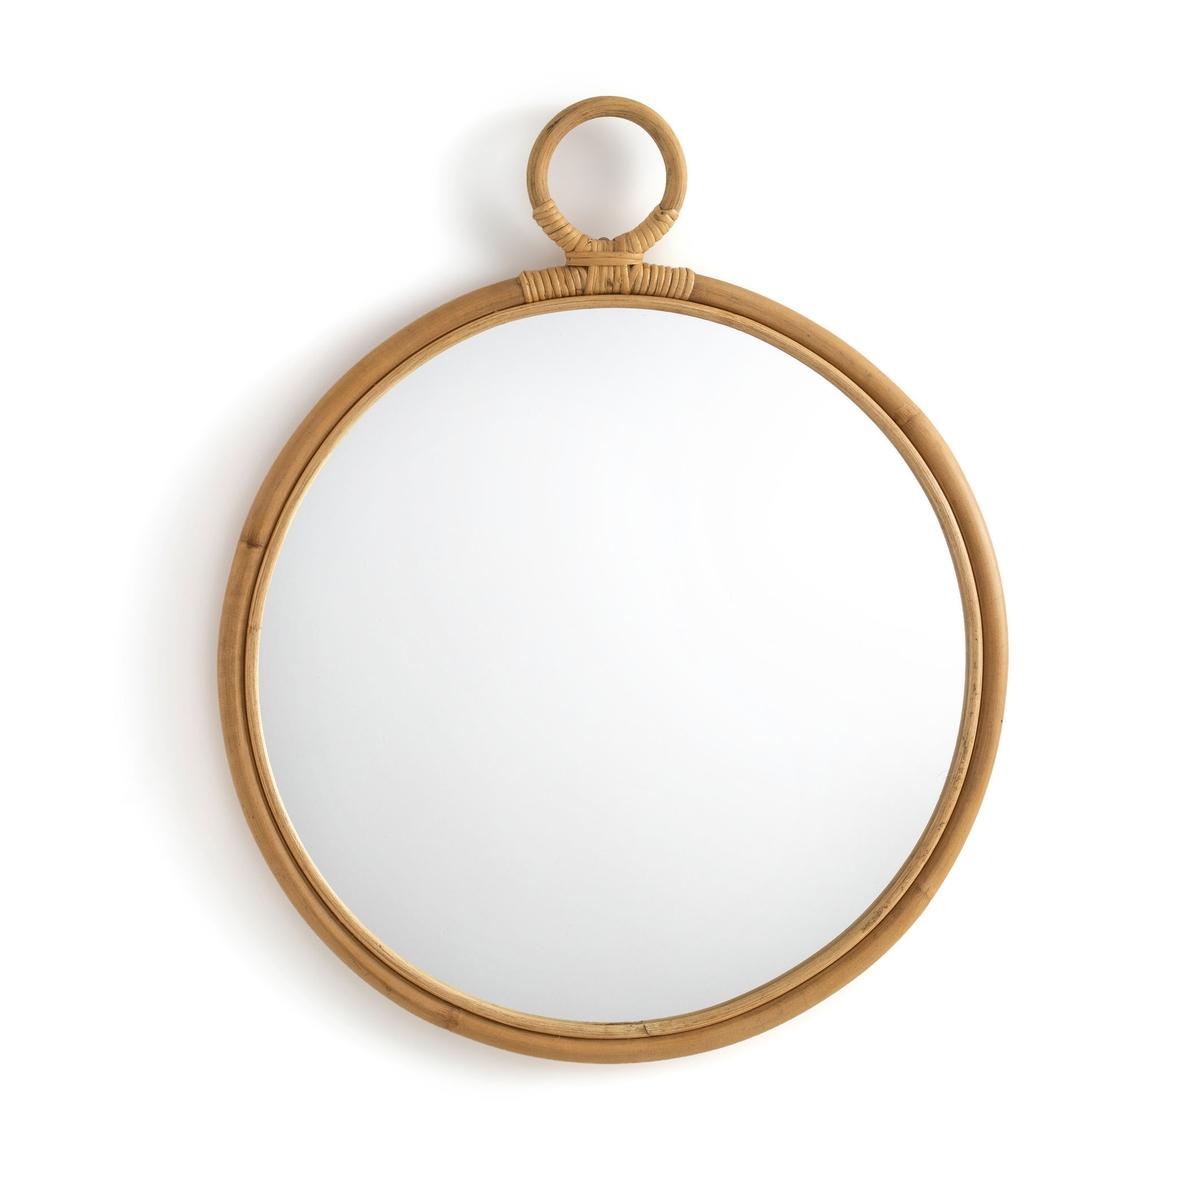 Зеркало La Redoute Круглое из ротанга Nogu единый размер бежевый зеркало la redoute из ротанга в форме ромашки см nogu единый размер бежевый